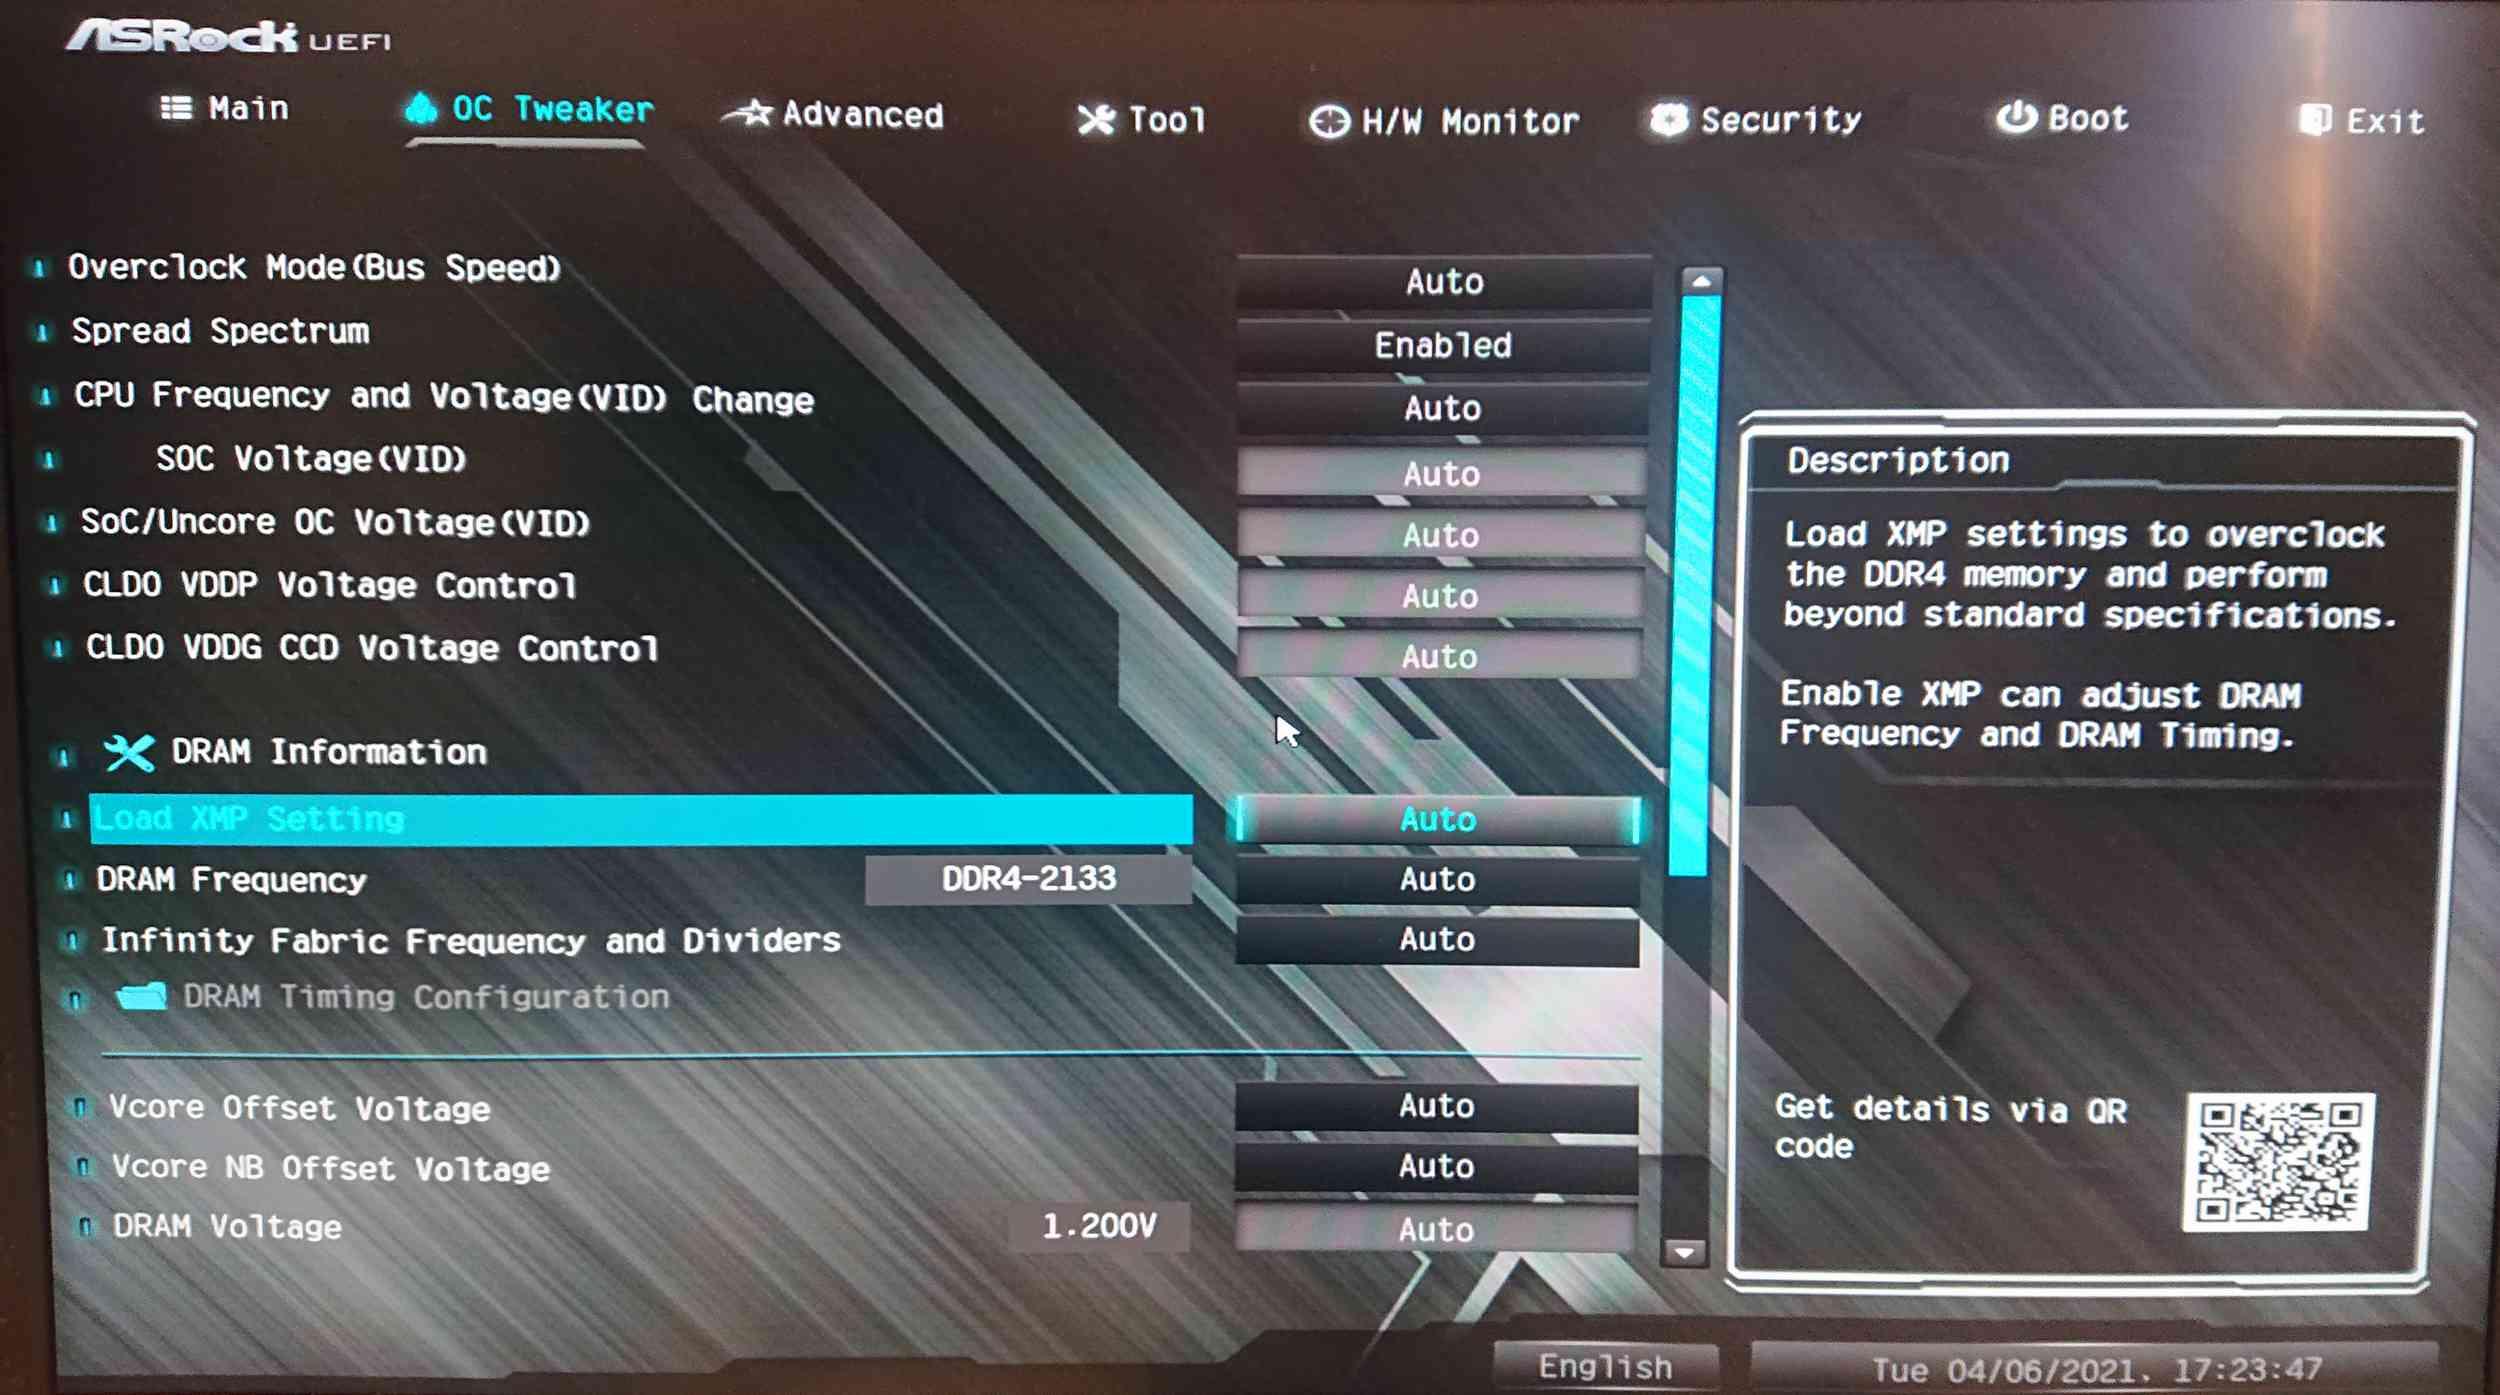 ASRock UEFI Bios OC Tweaker